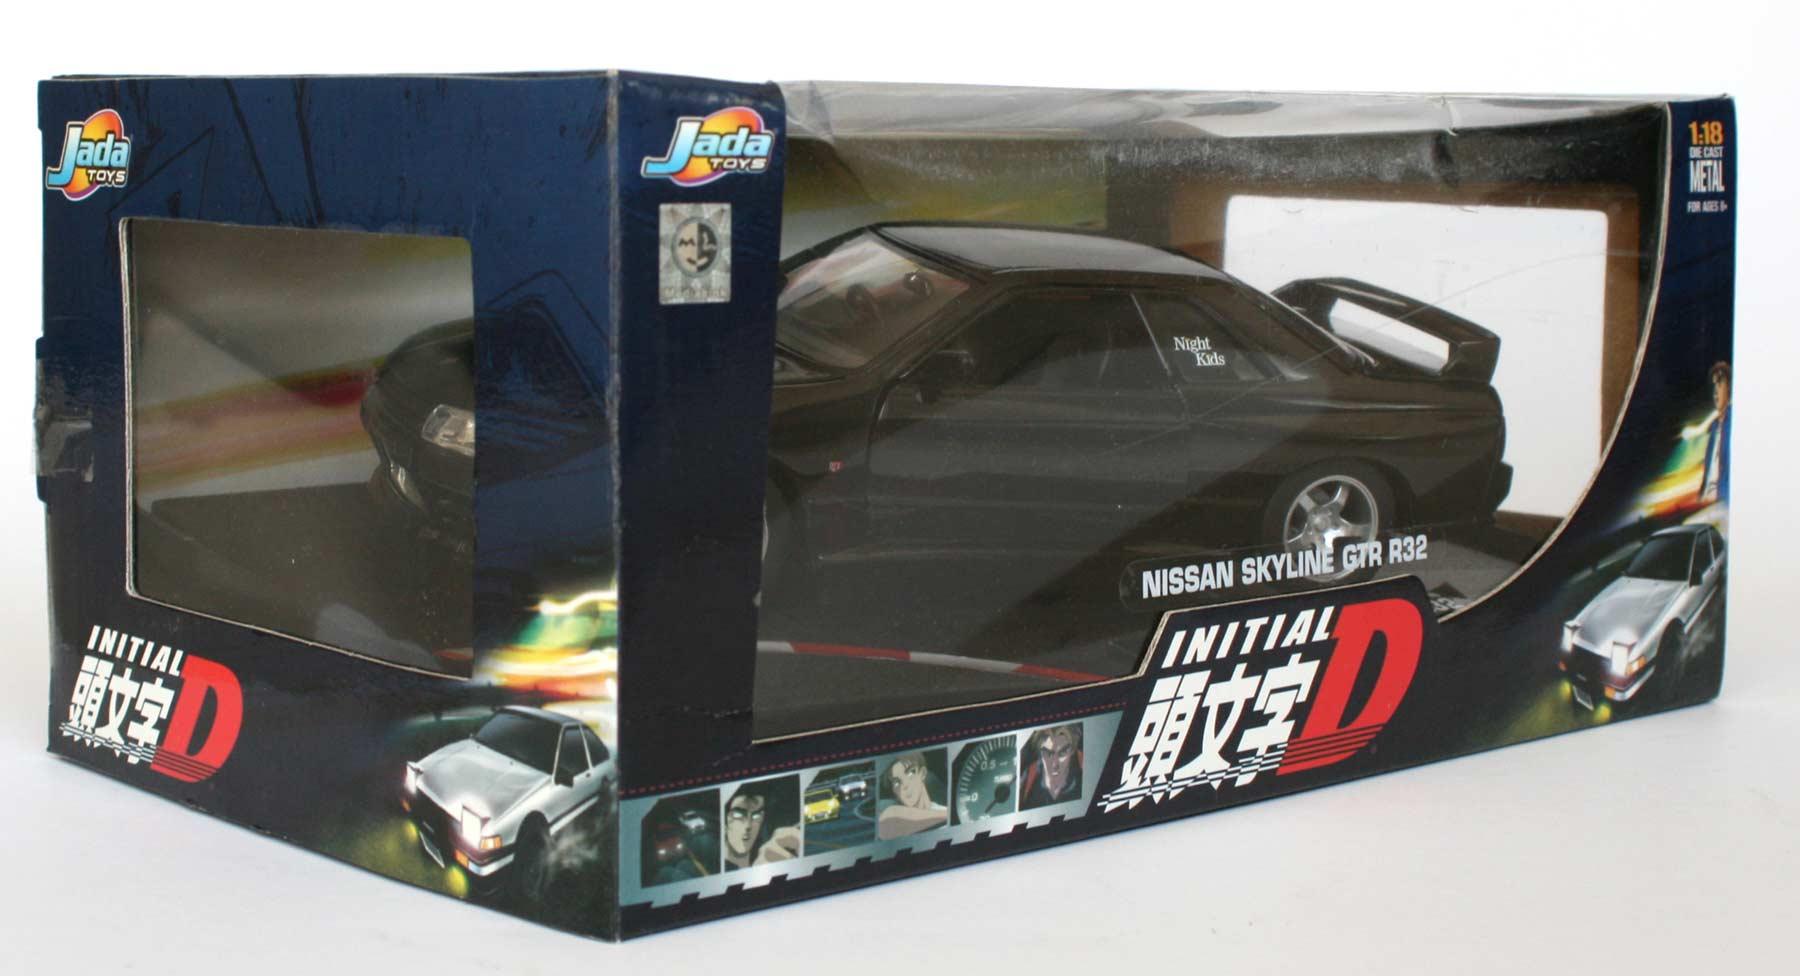 Initial_D_Nissan_GTR_Jada_Toys_Die_cast_trois_quarts_02